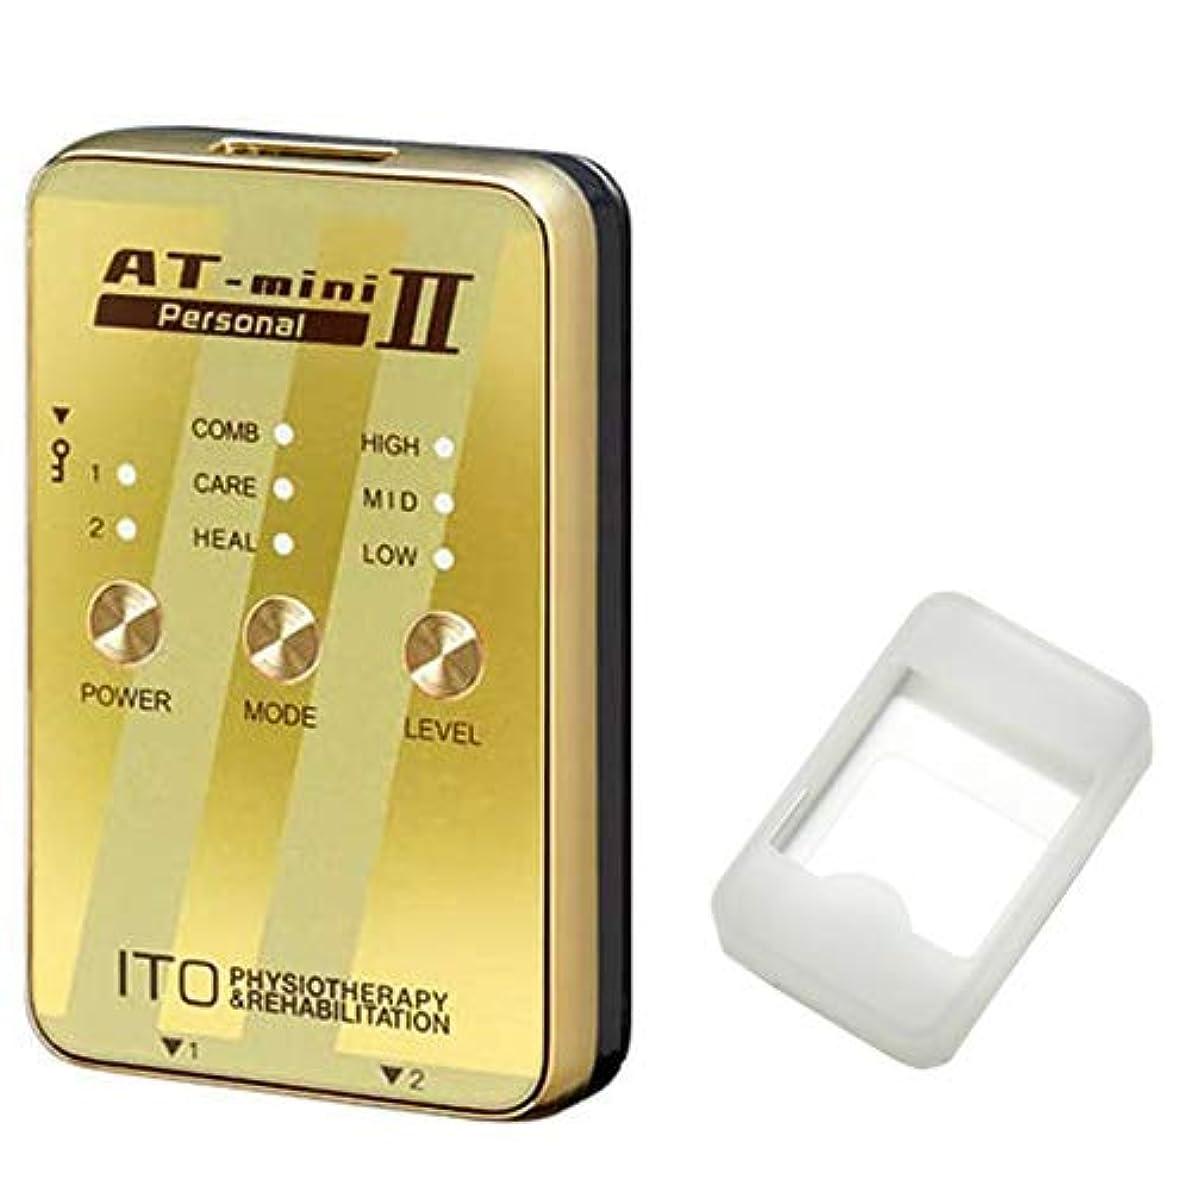 エンコミウム然とした革新低周波治療器 AT-mini personal II ゴールド (ATミニパーソナル2) + シリコン保護ケース